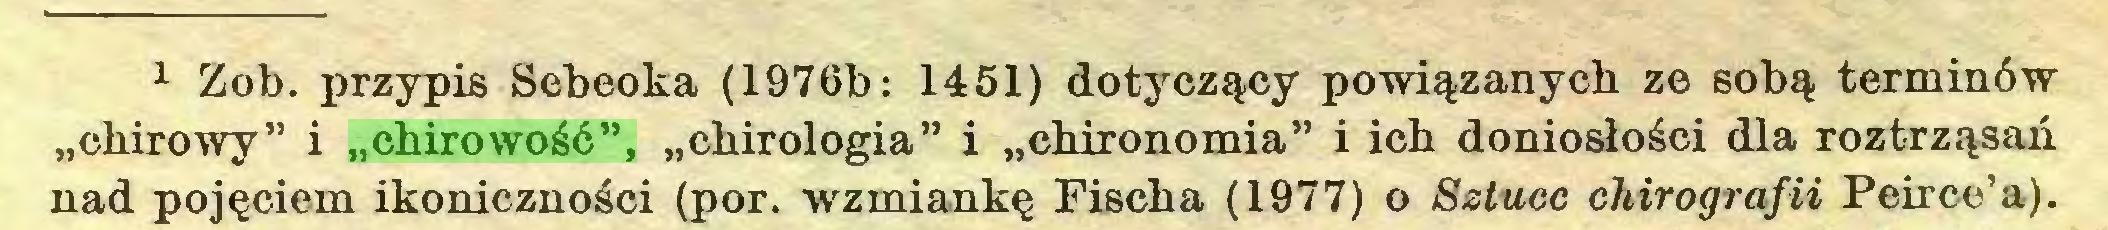 """(...) 11 Zob. przypis Sebeoka (1976b: 1451) dotyczący powiązanych ze sobą terminów """"chirowy"""" i """"chirowość"""", """"chirologia"""" i """"chironomia"""" i ich doniosłości dla roztrząsań nad pojęciem ikoniczności (por. wzmiankę Fischa (1977) o Sztuce chirografii Peirce'a)..."""